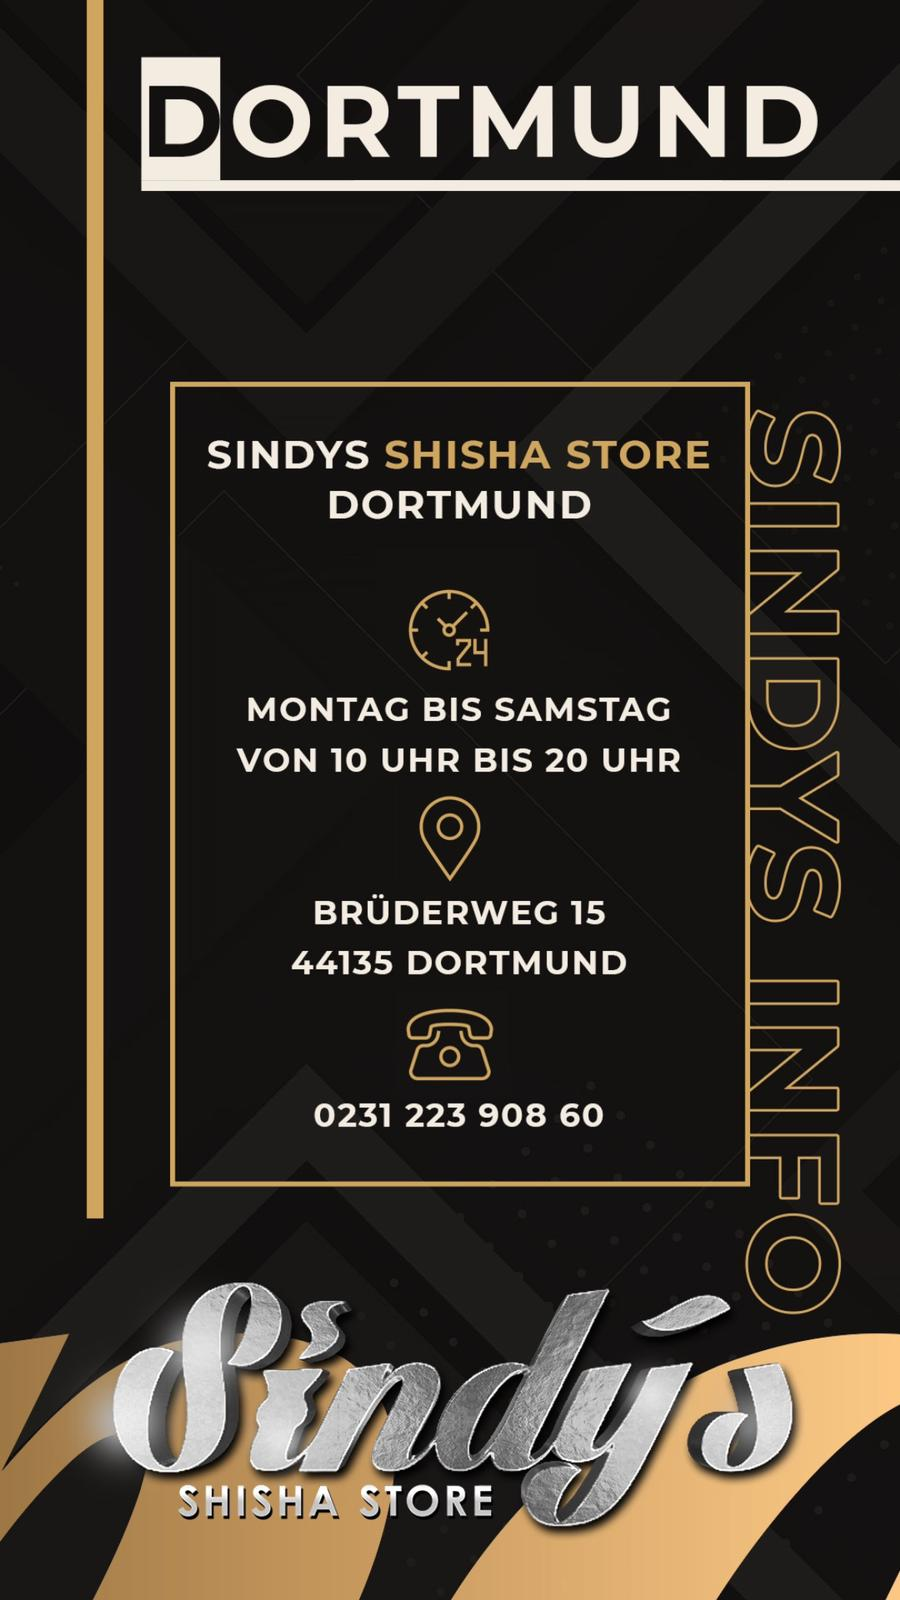 Sindys Shisha Store Dortmund